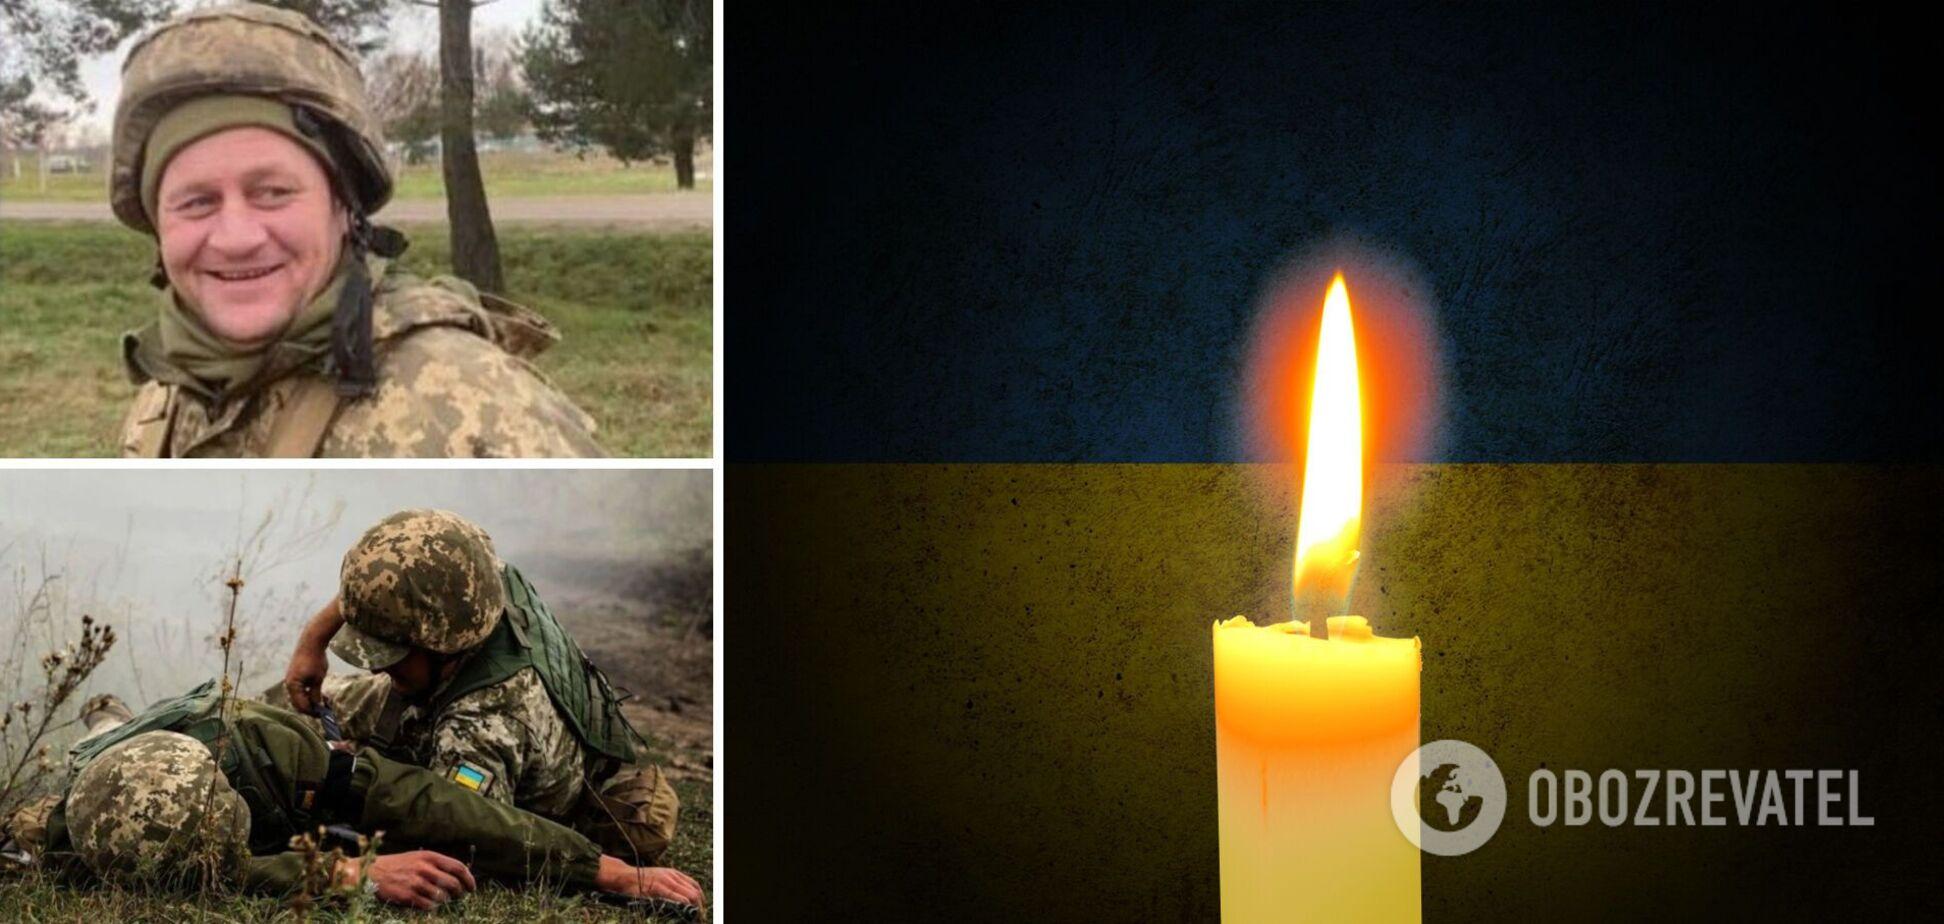 Был патриотом, после ранения вернулся на фронт: что известно о бойце, убитом россиянами на Донбассе